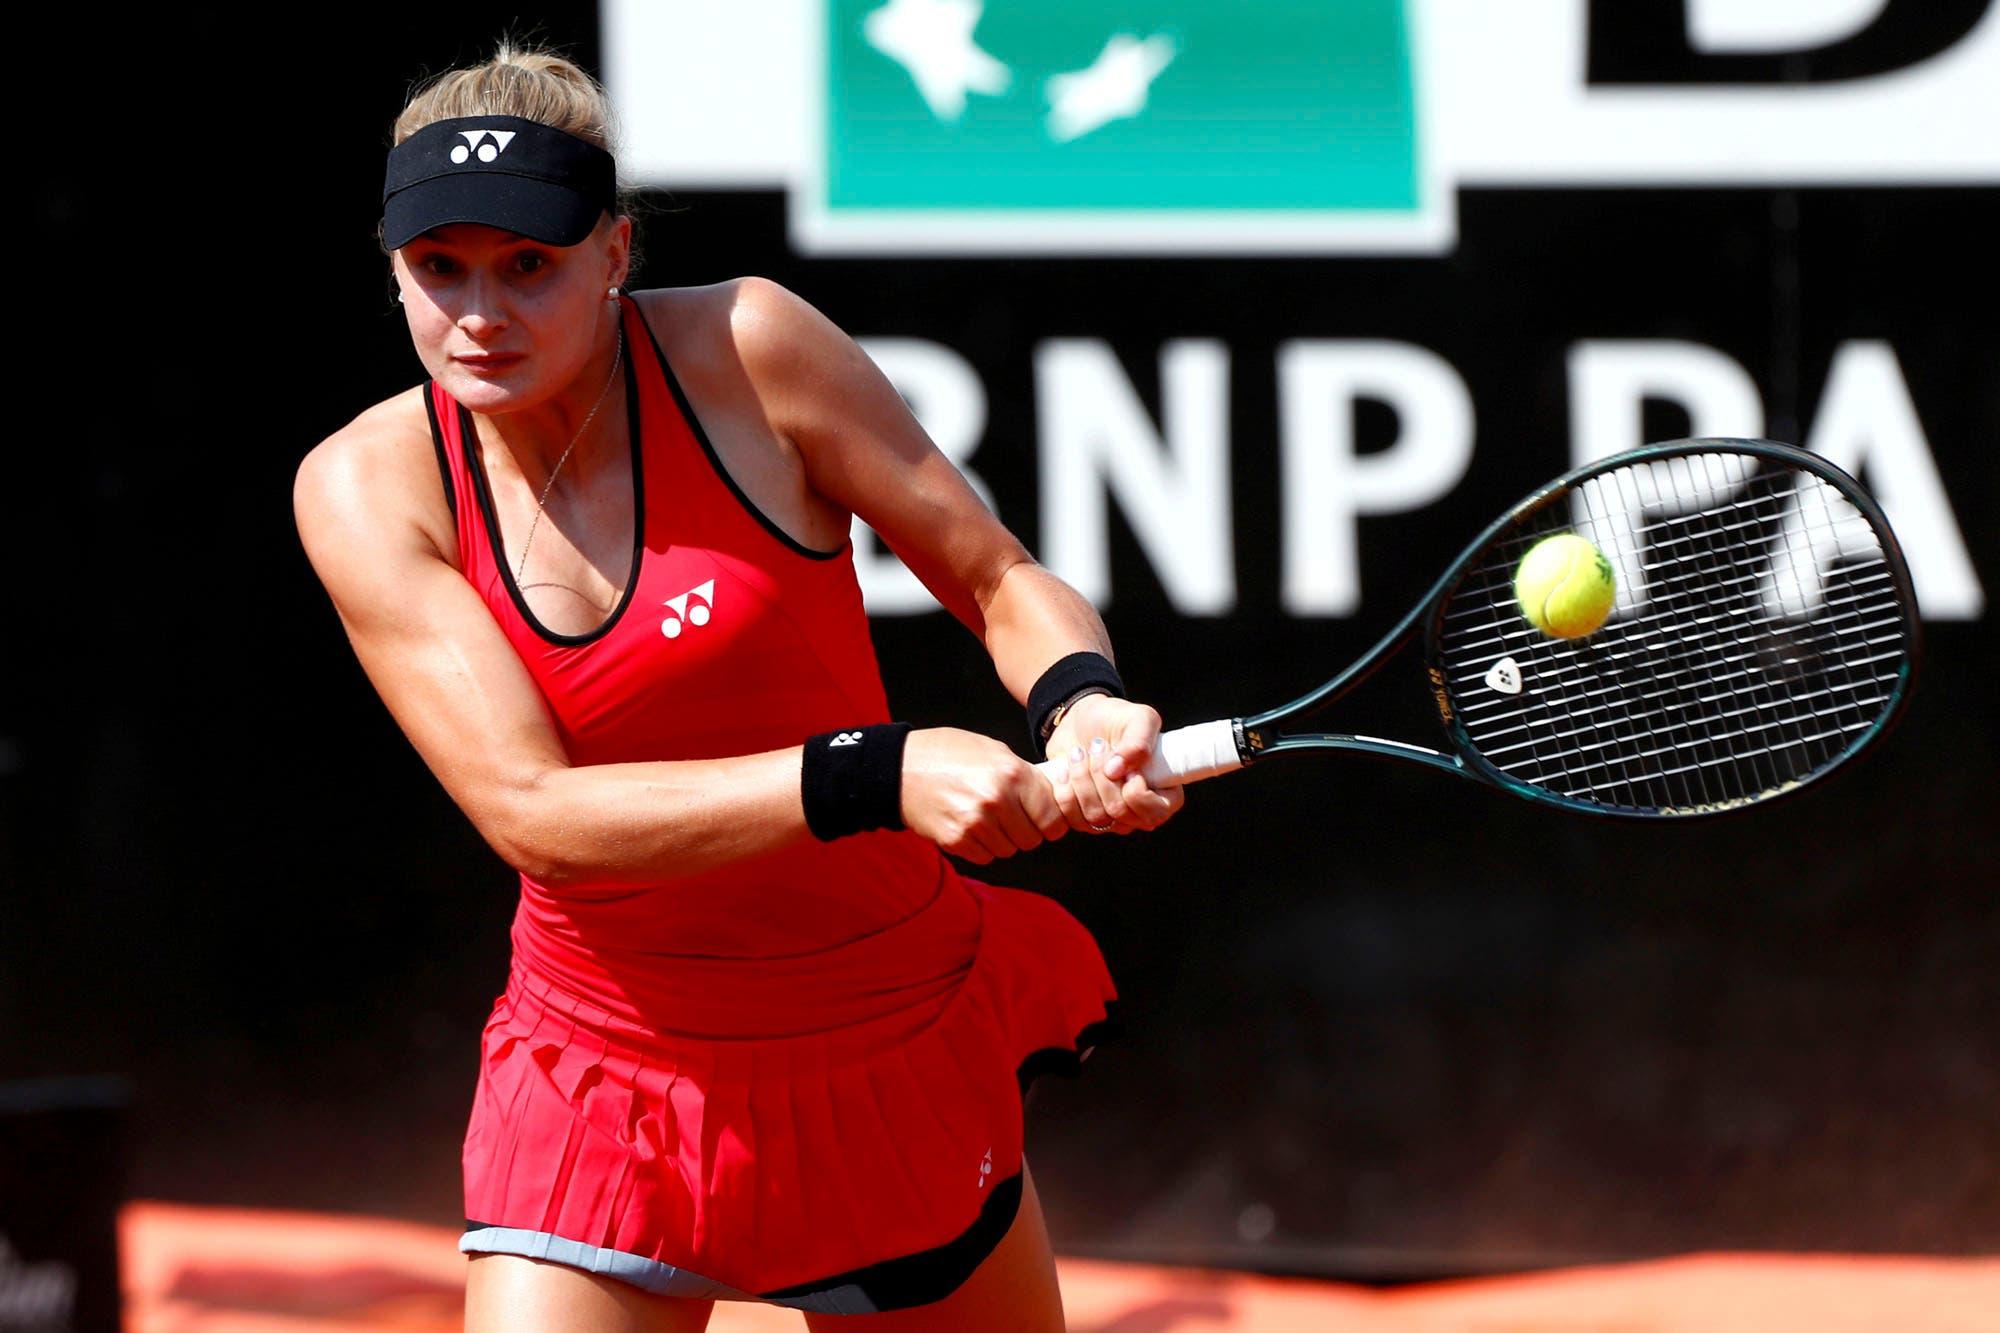 """La ucraniana Dayana Yastremska, la """"rapera"""" del tenis, fue suspendida provisionalmente por doping"""